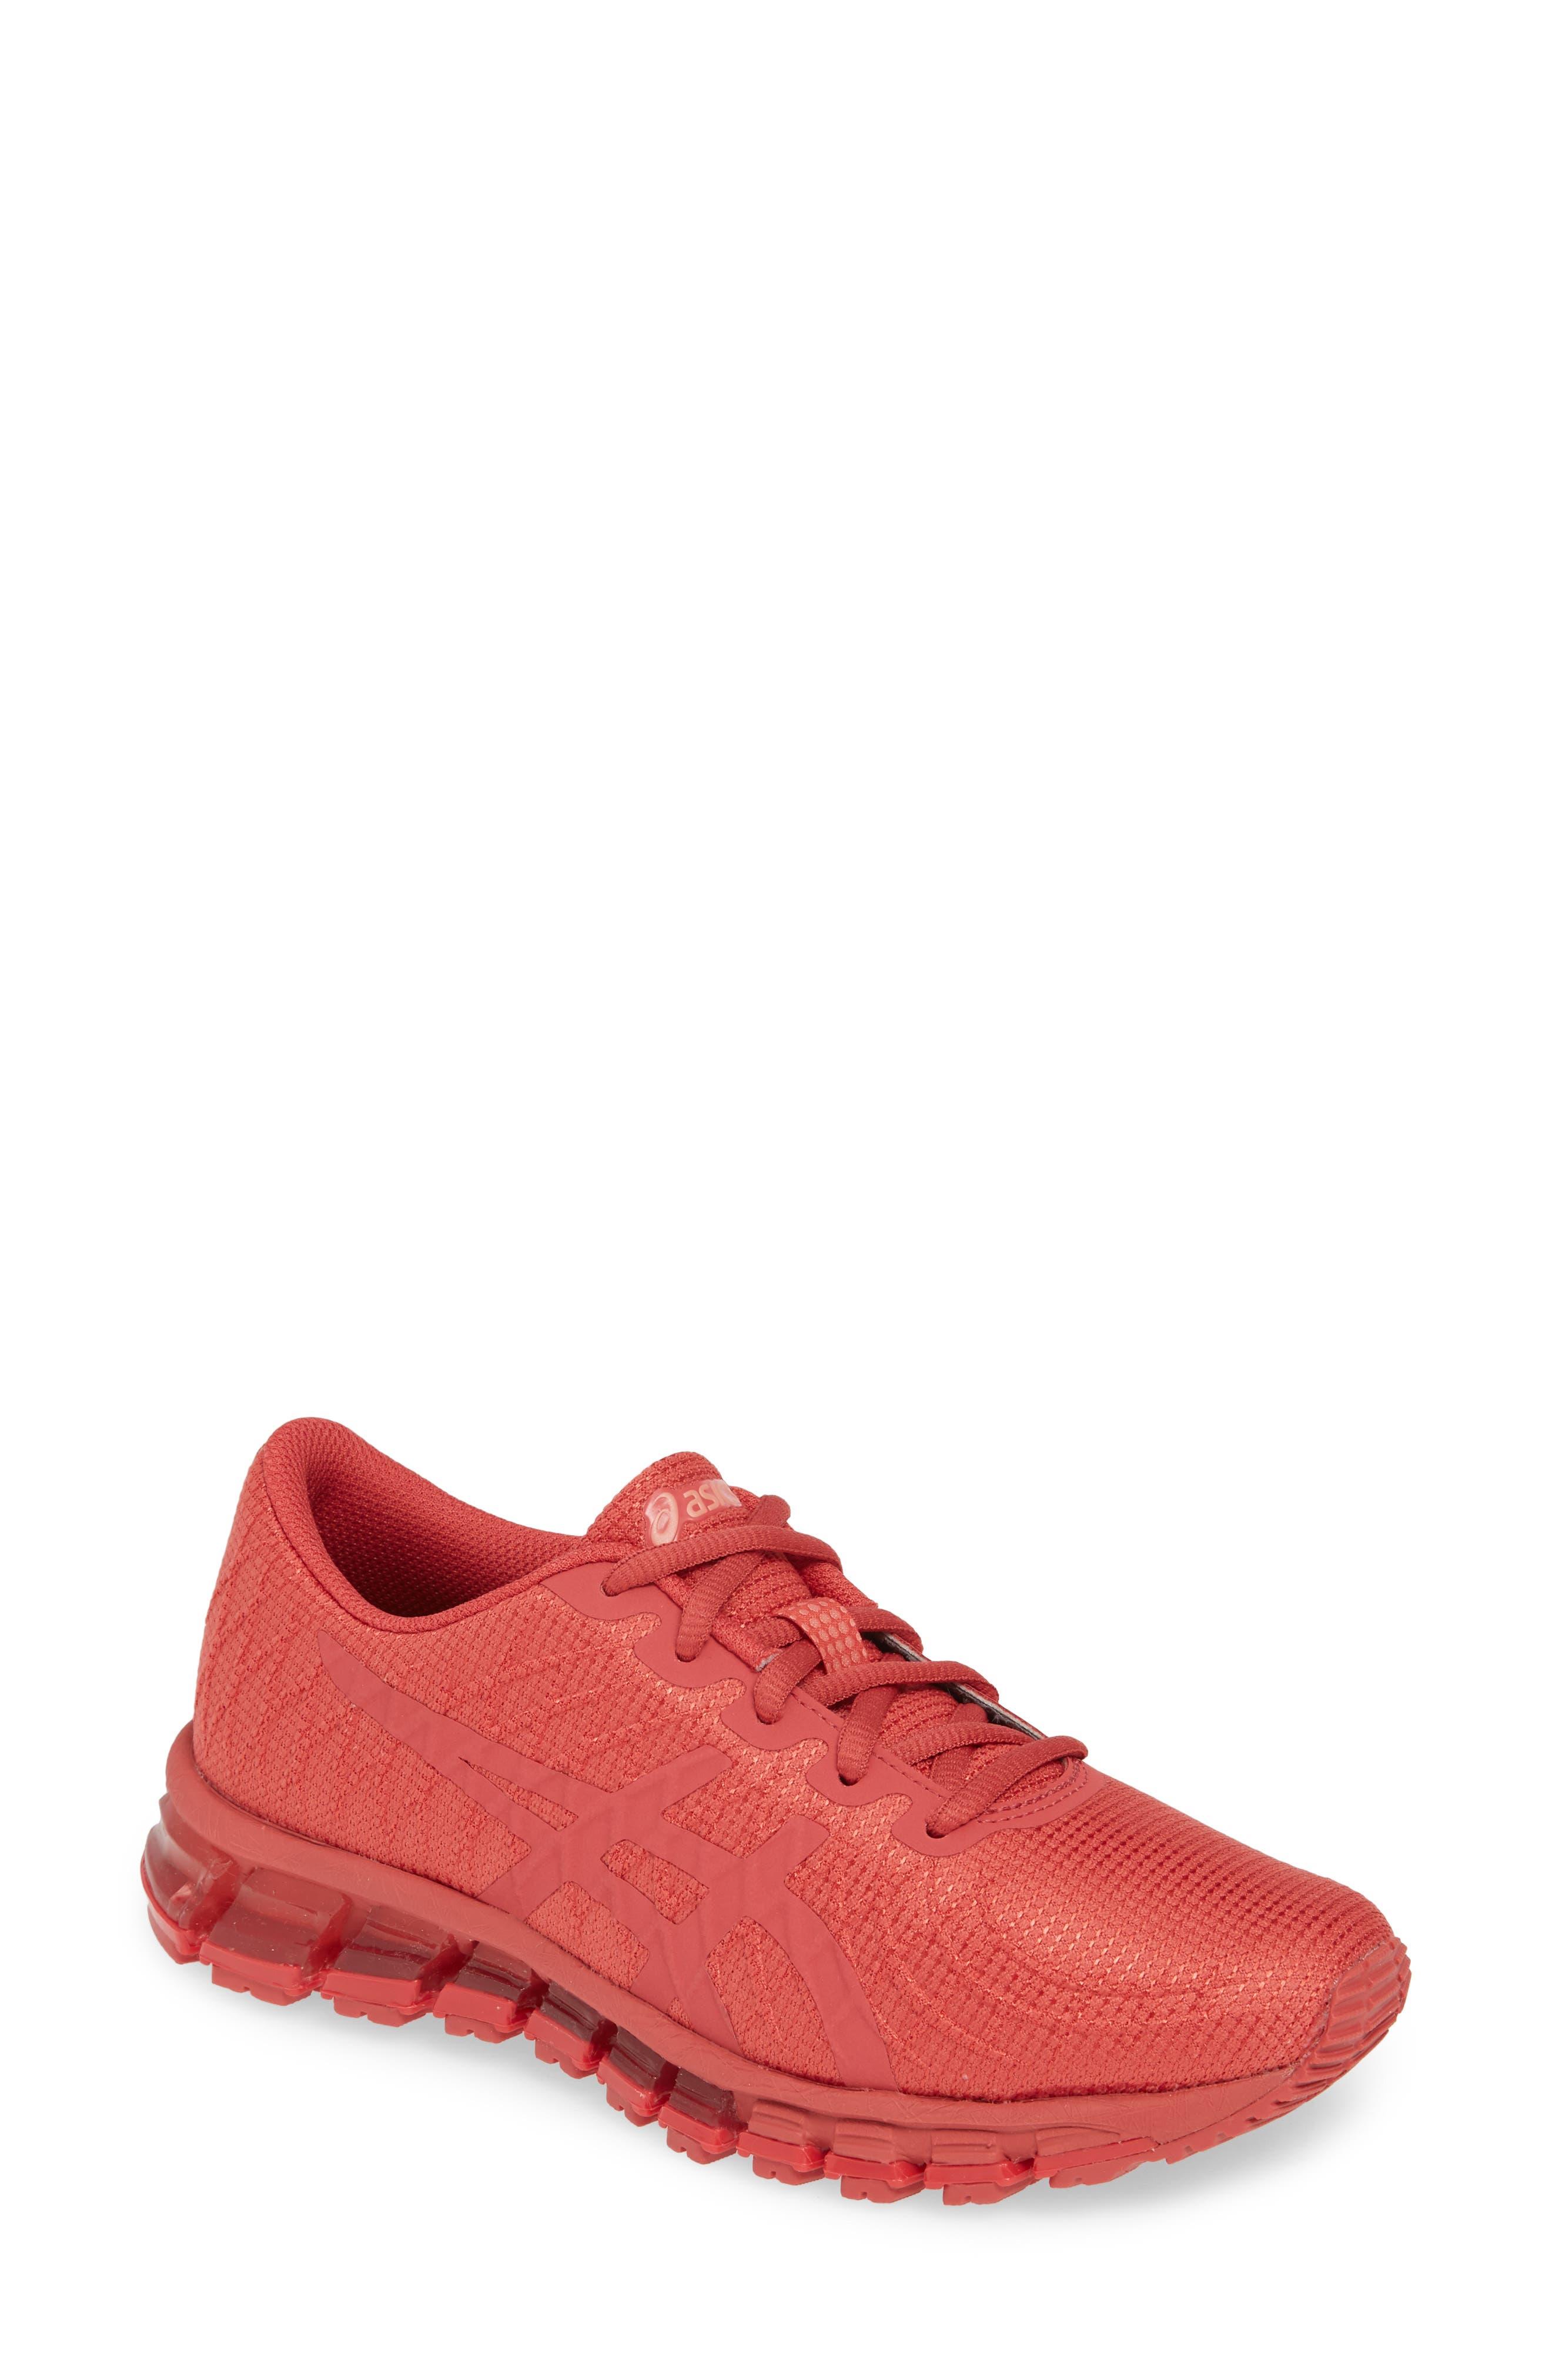 Asics Gel-Quantum 180 4 Running Shoe B - Red